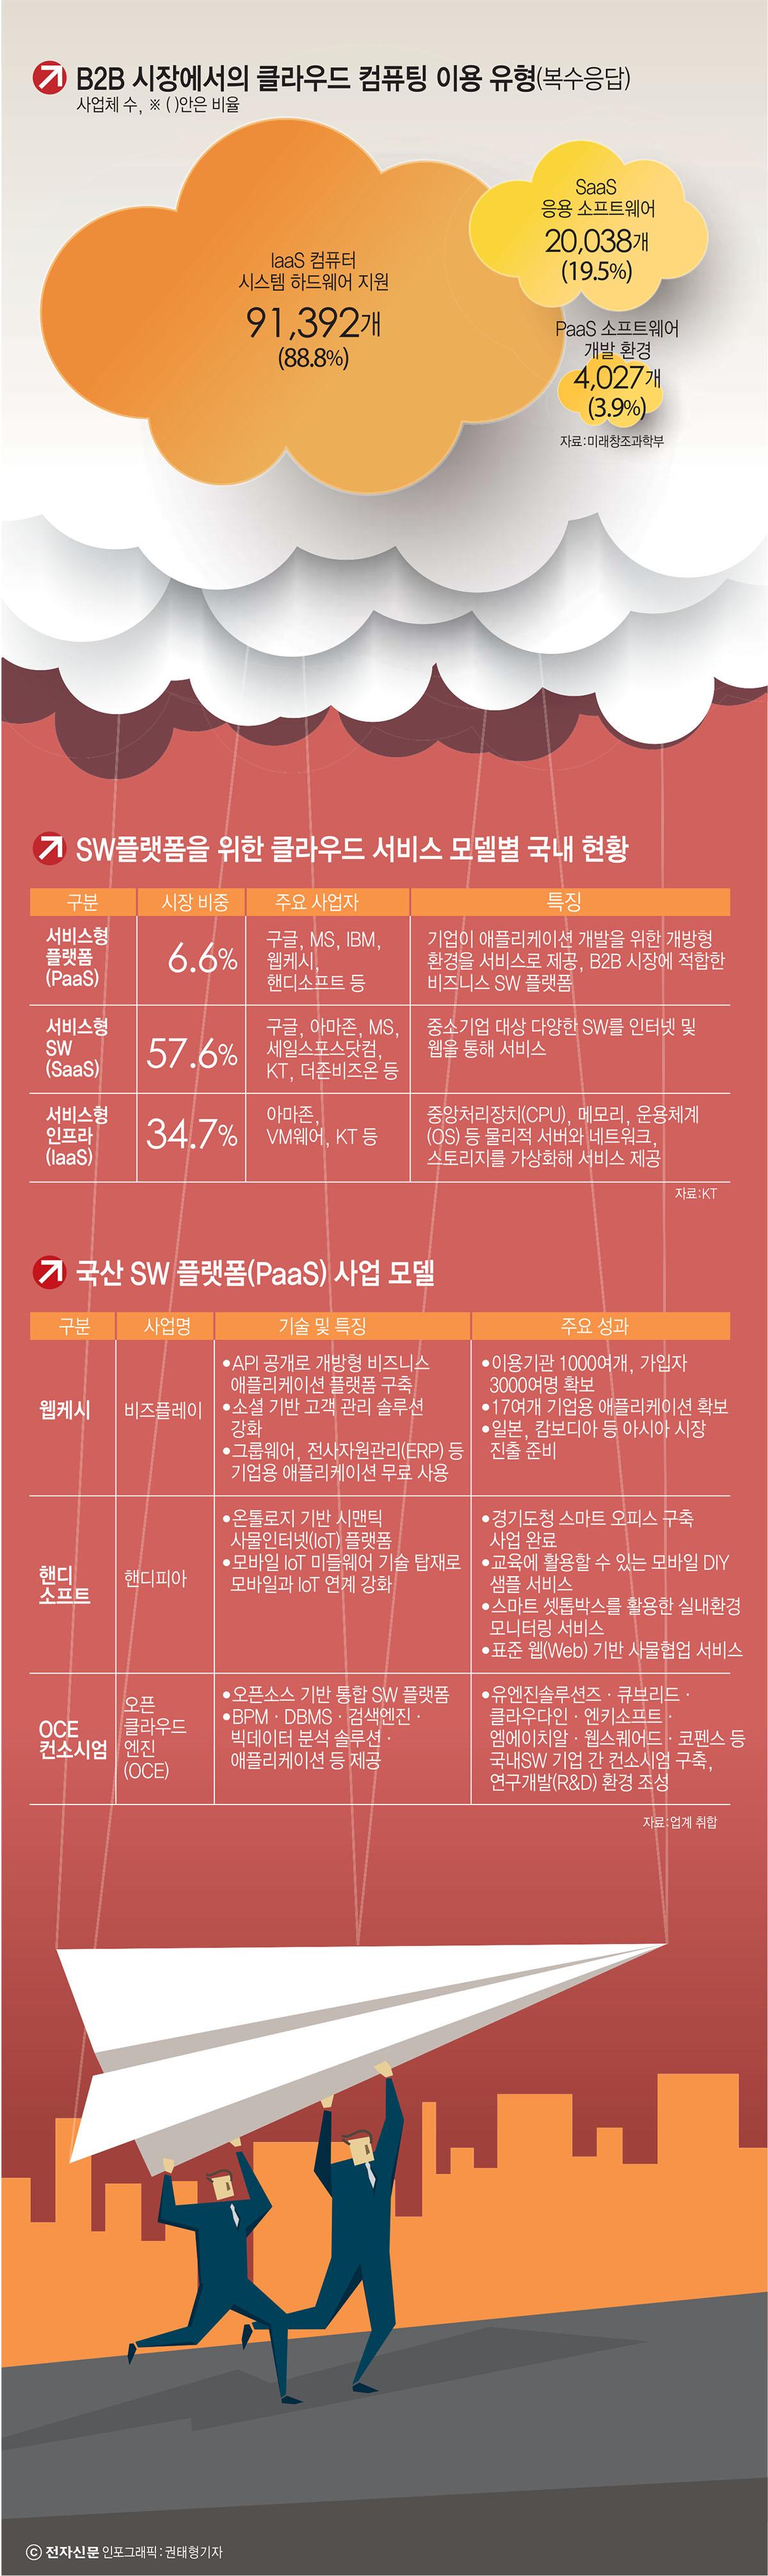 [이슈분석]글로벌 기업이 주도하는 국내 SW 플랫폼 시장